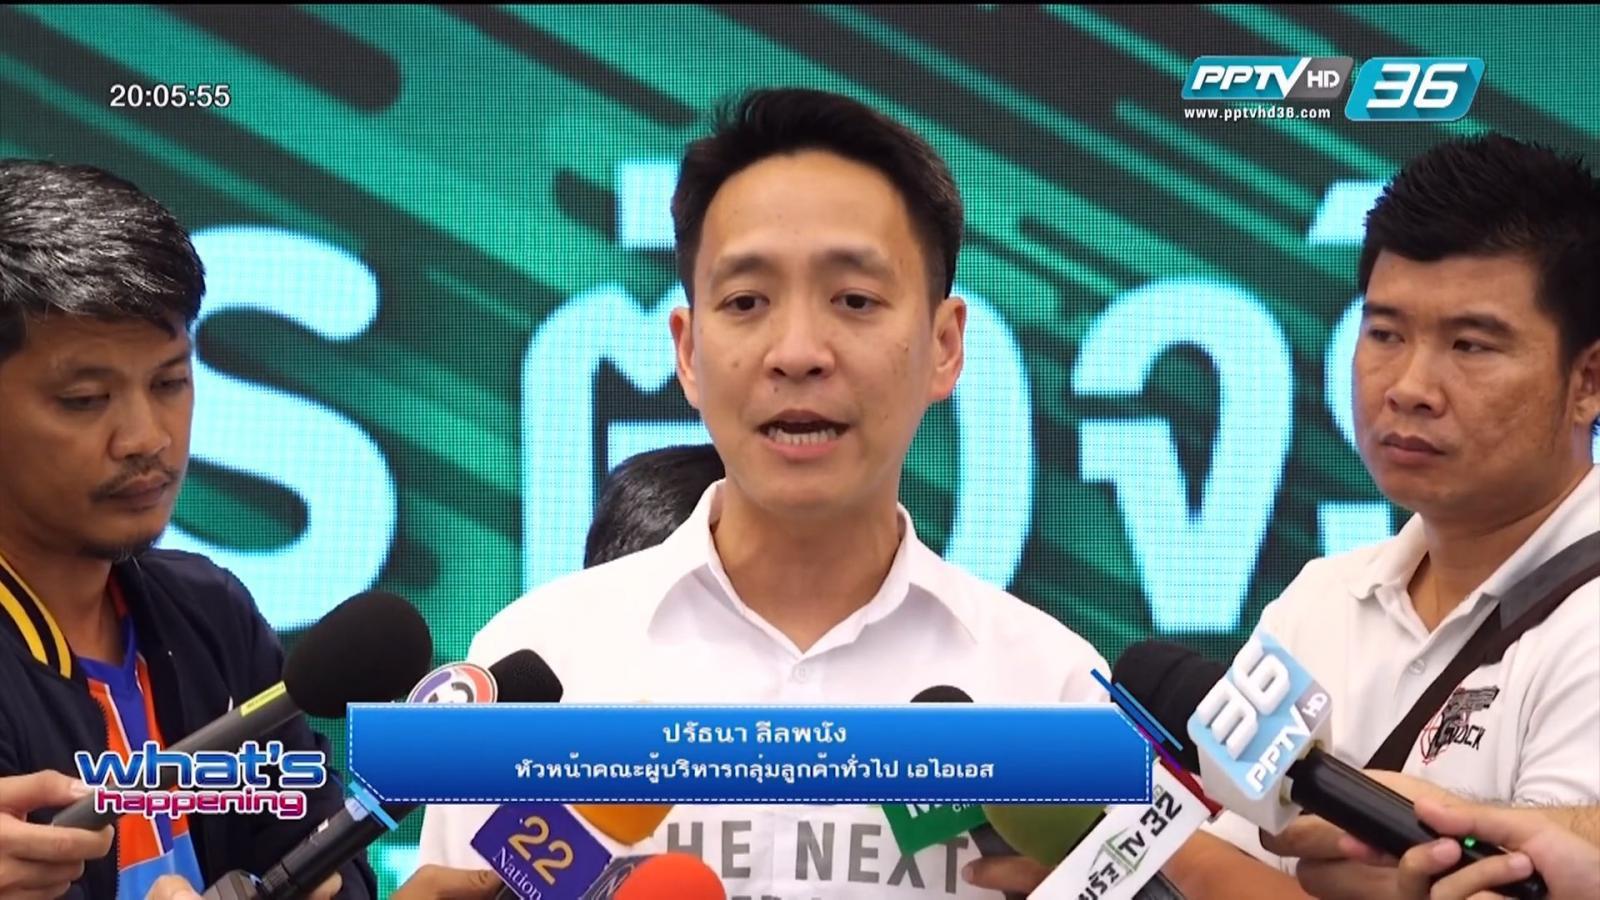 AIS ประกาศแผนพัฒนา AIS ตอกย้ำผู้นำตัวจริงอันดับ 1 ของไทย